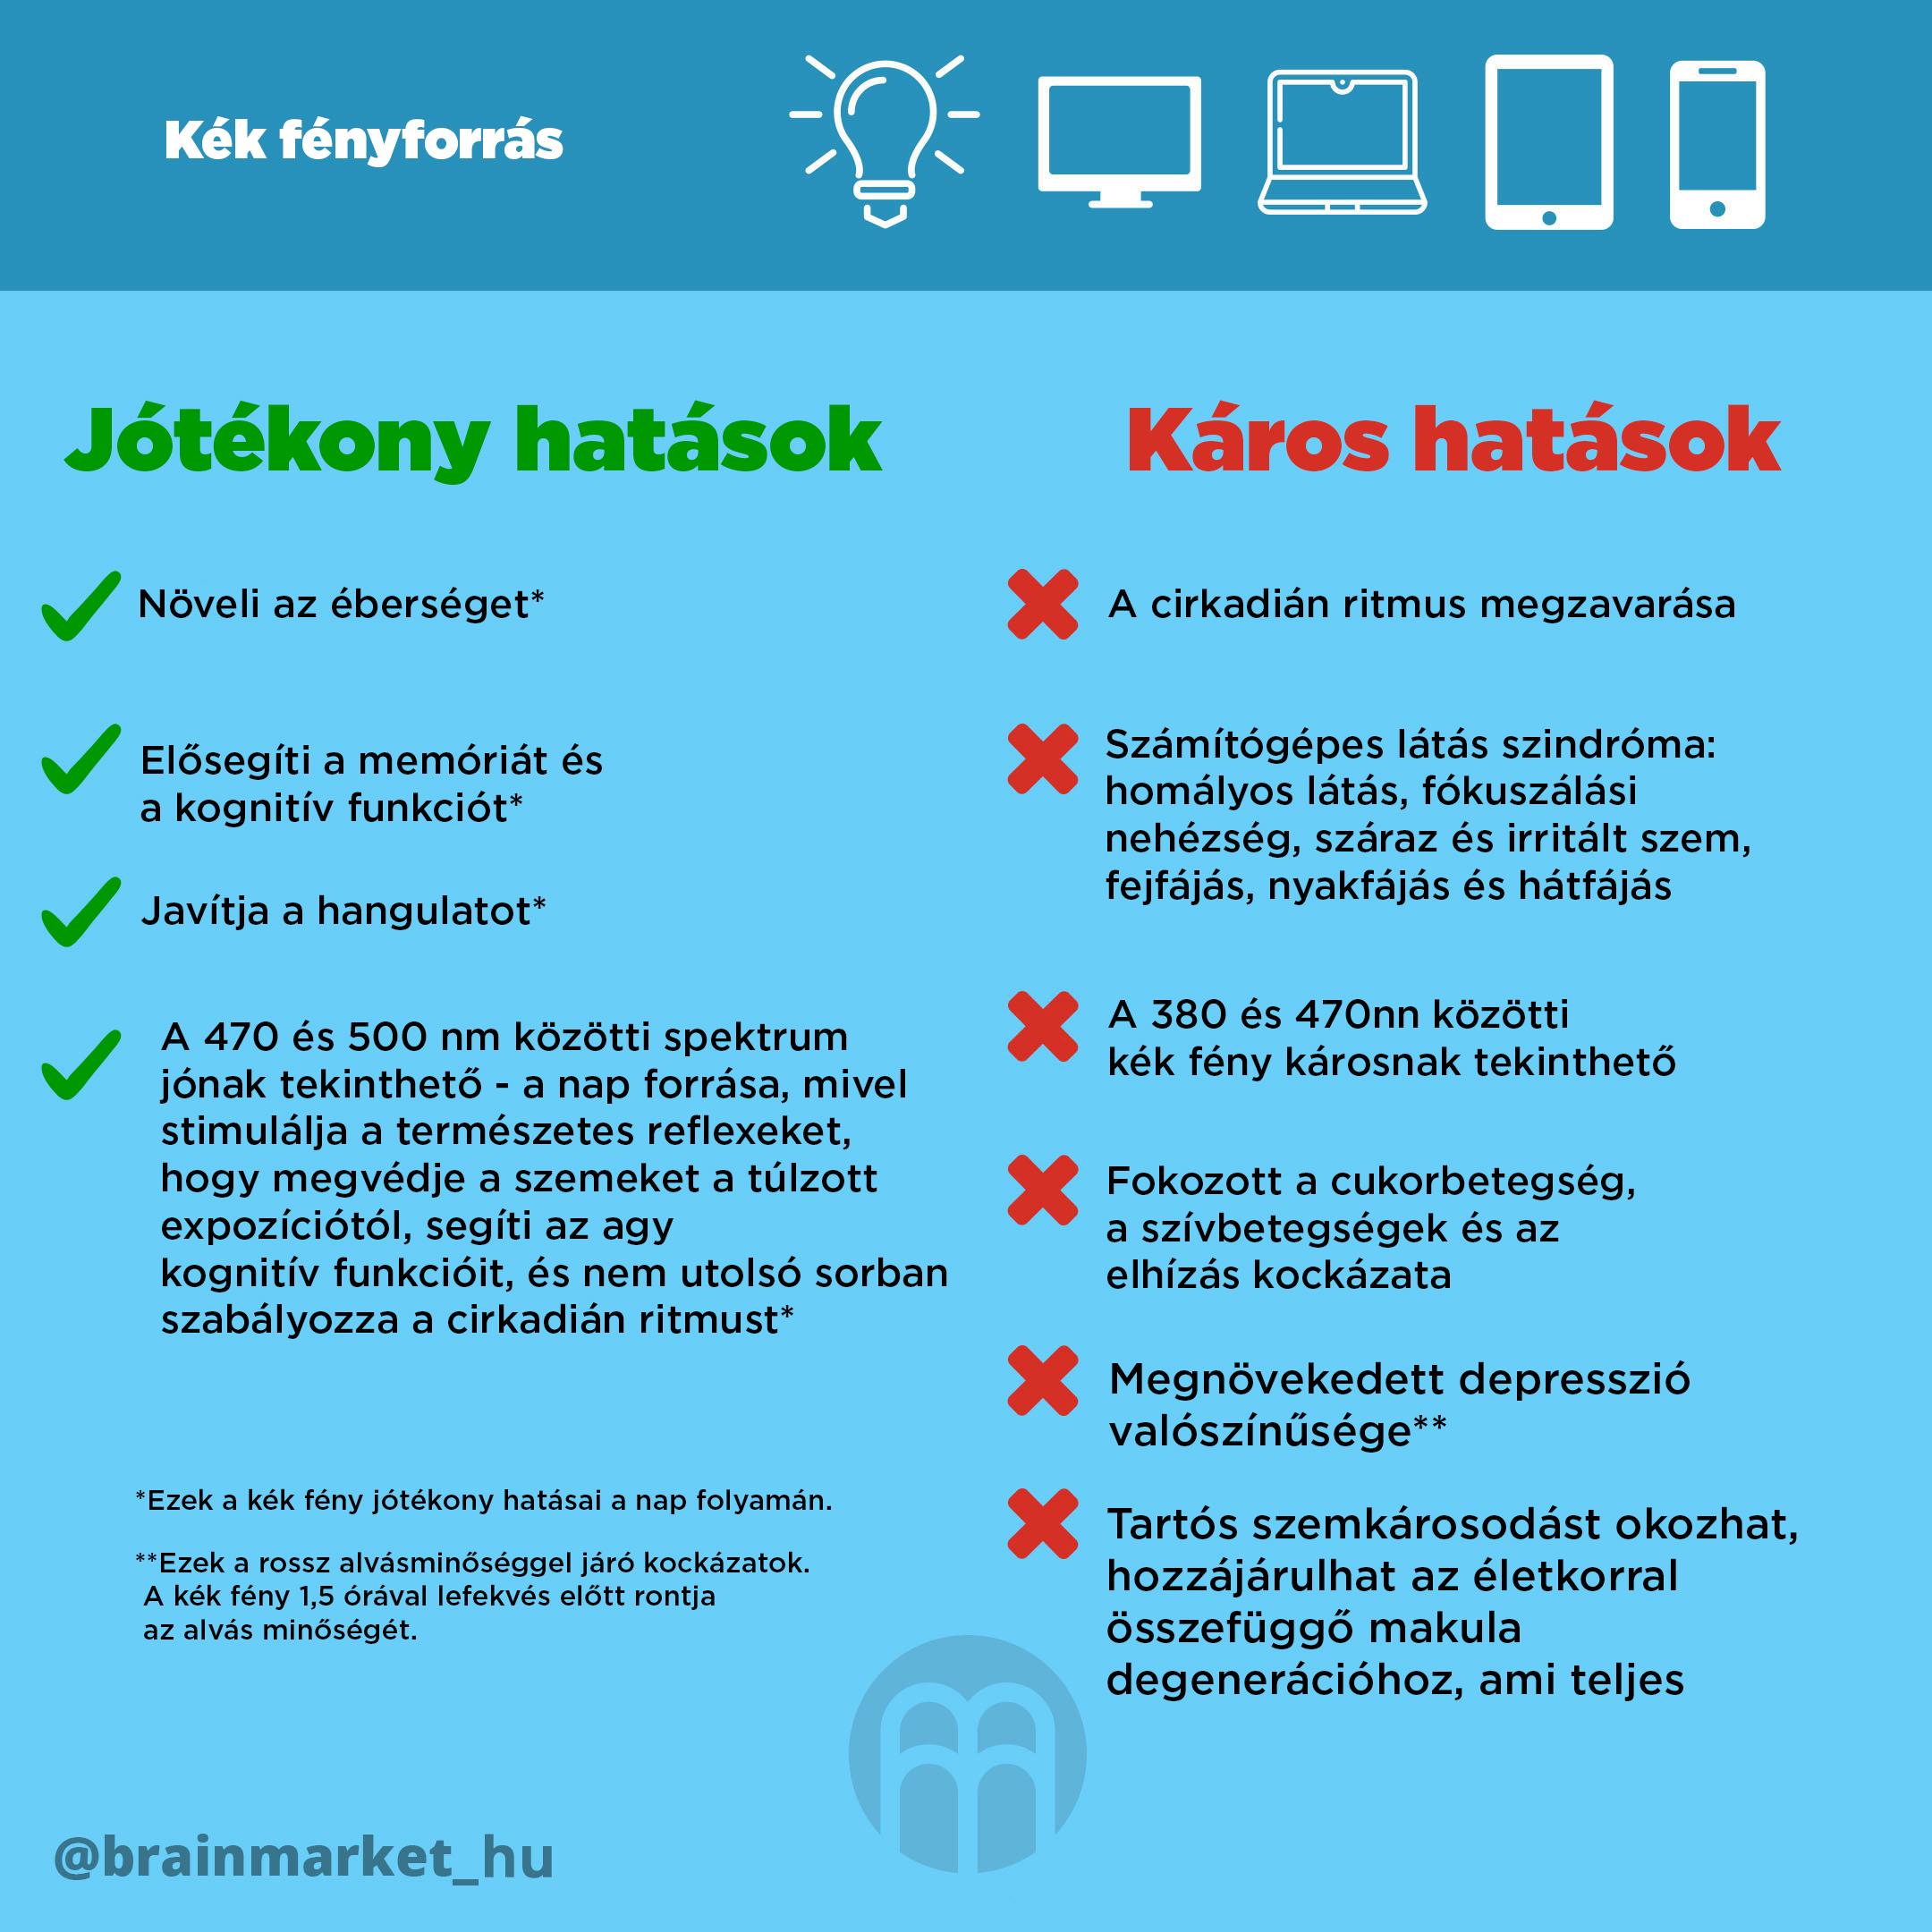 zdroje-modreho-svetla-infografika-instagram-brainmarket-hu